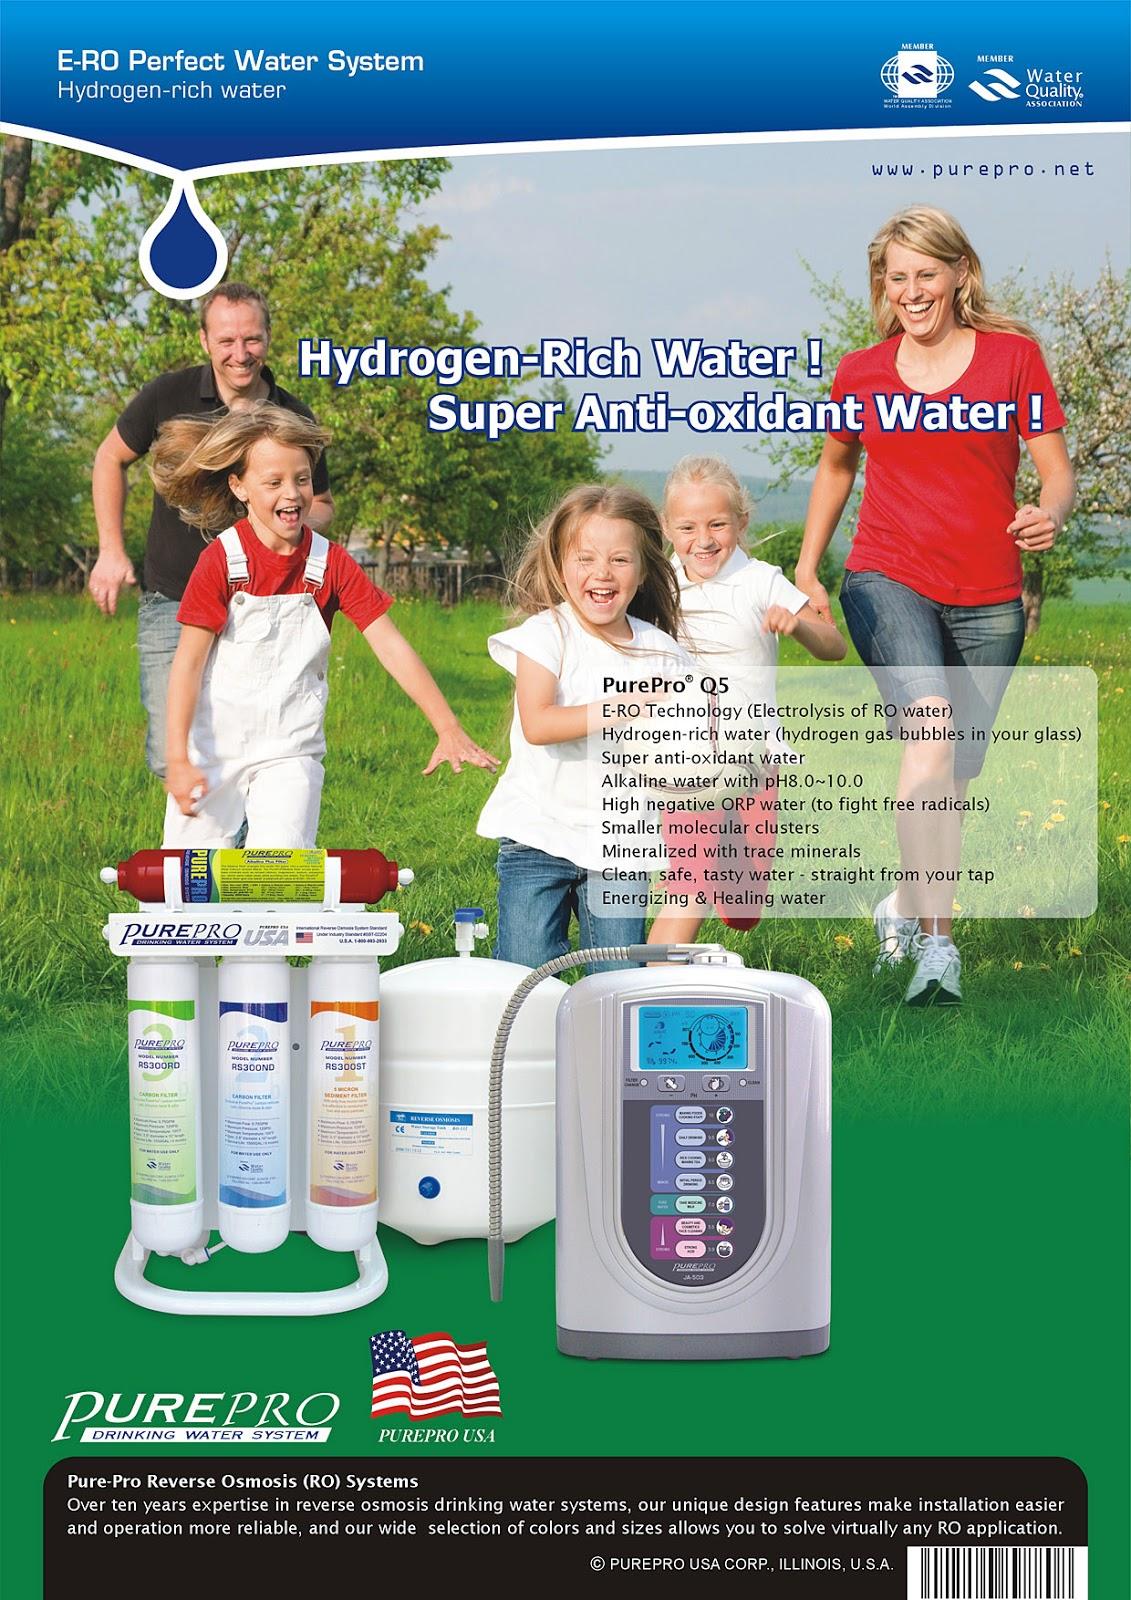 美國 ERO 氫水機 PurePro® Q5 完美水系統 : 頂尖科技的結合 - 美國PurePro®健康還原水